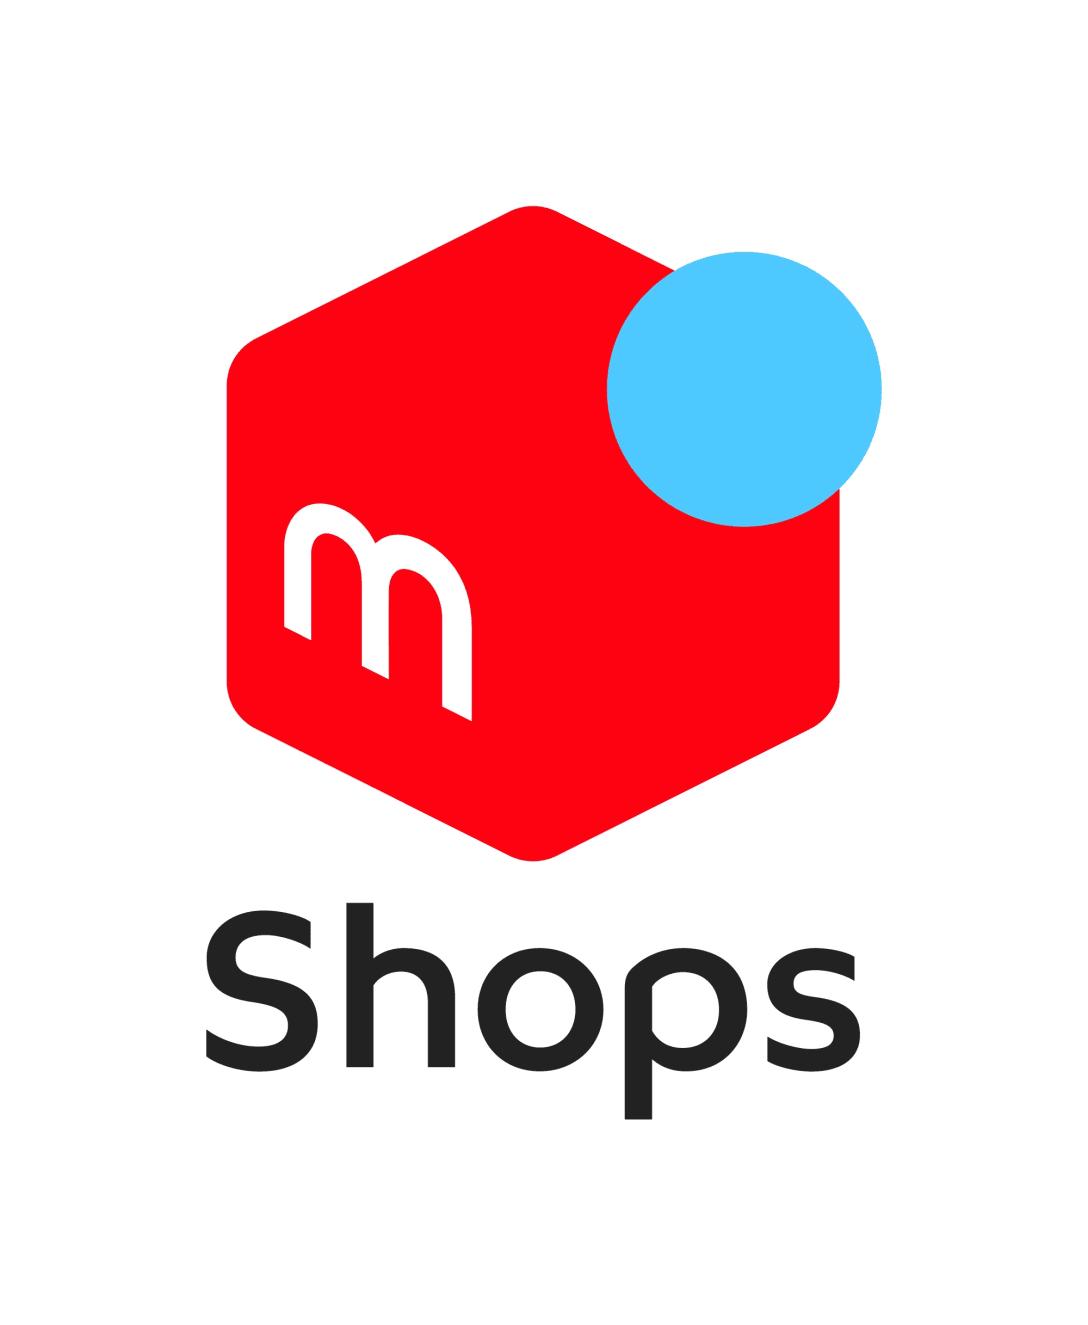 メルカリShops Image by ソウゾウ